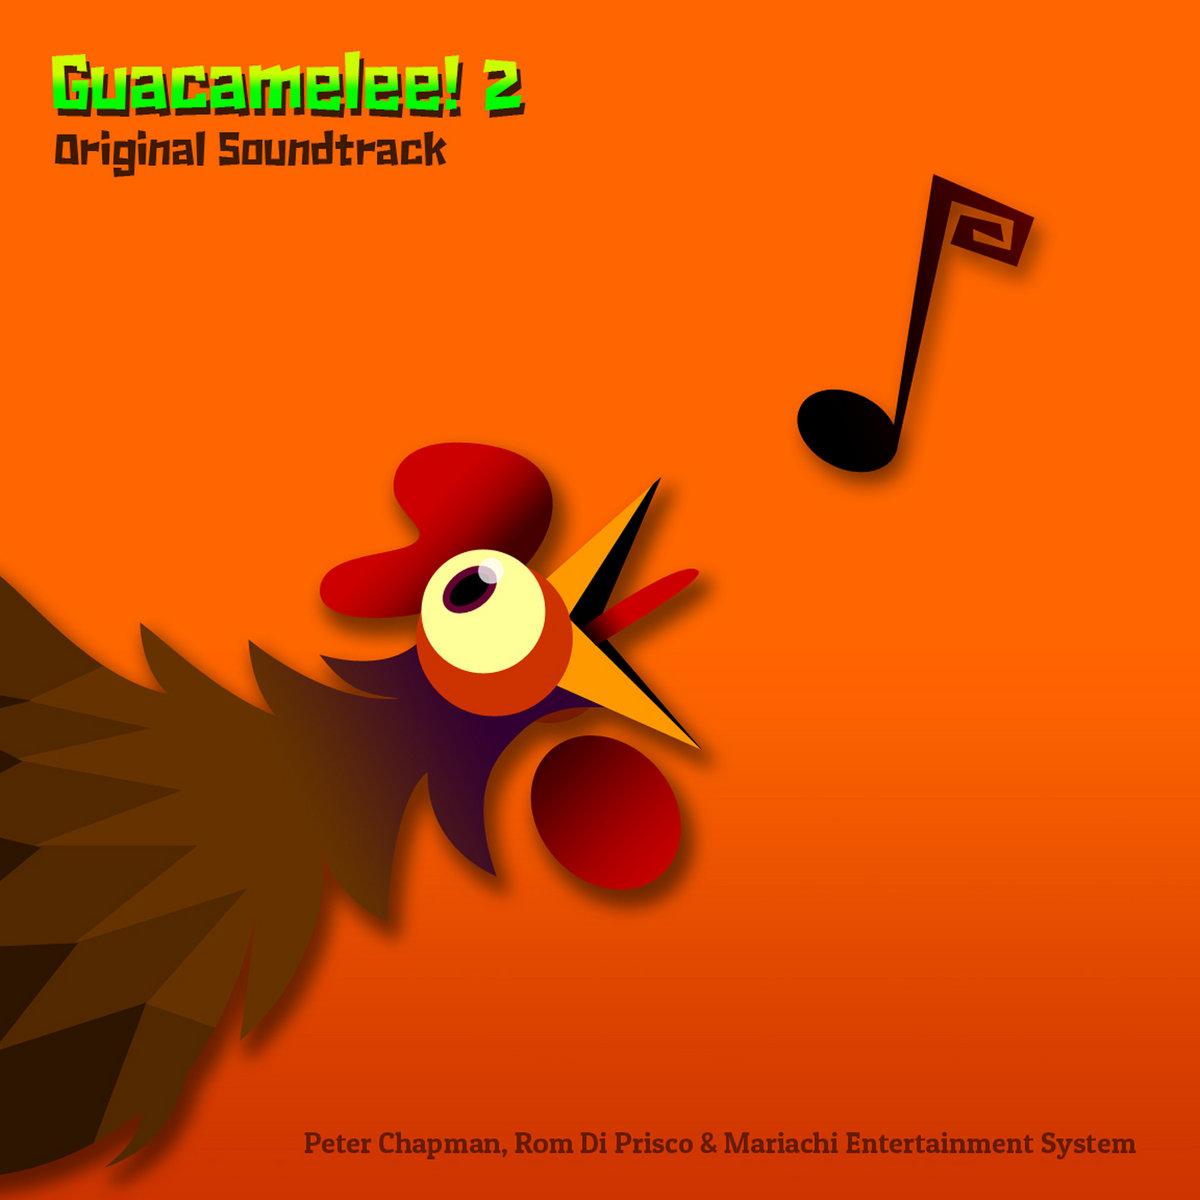 Guacamelee! 2 Original Soundtrack | DrinkBox Studios